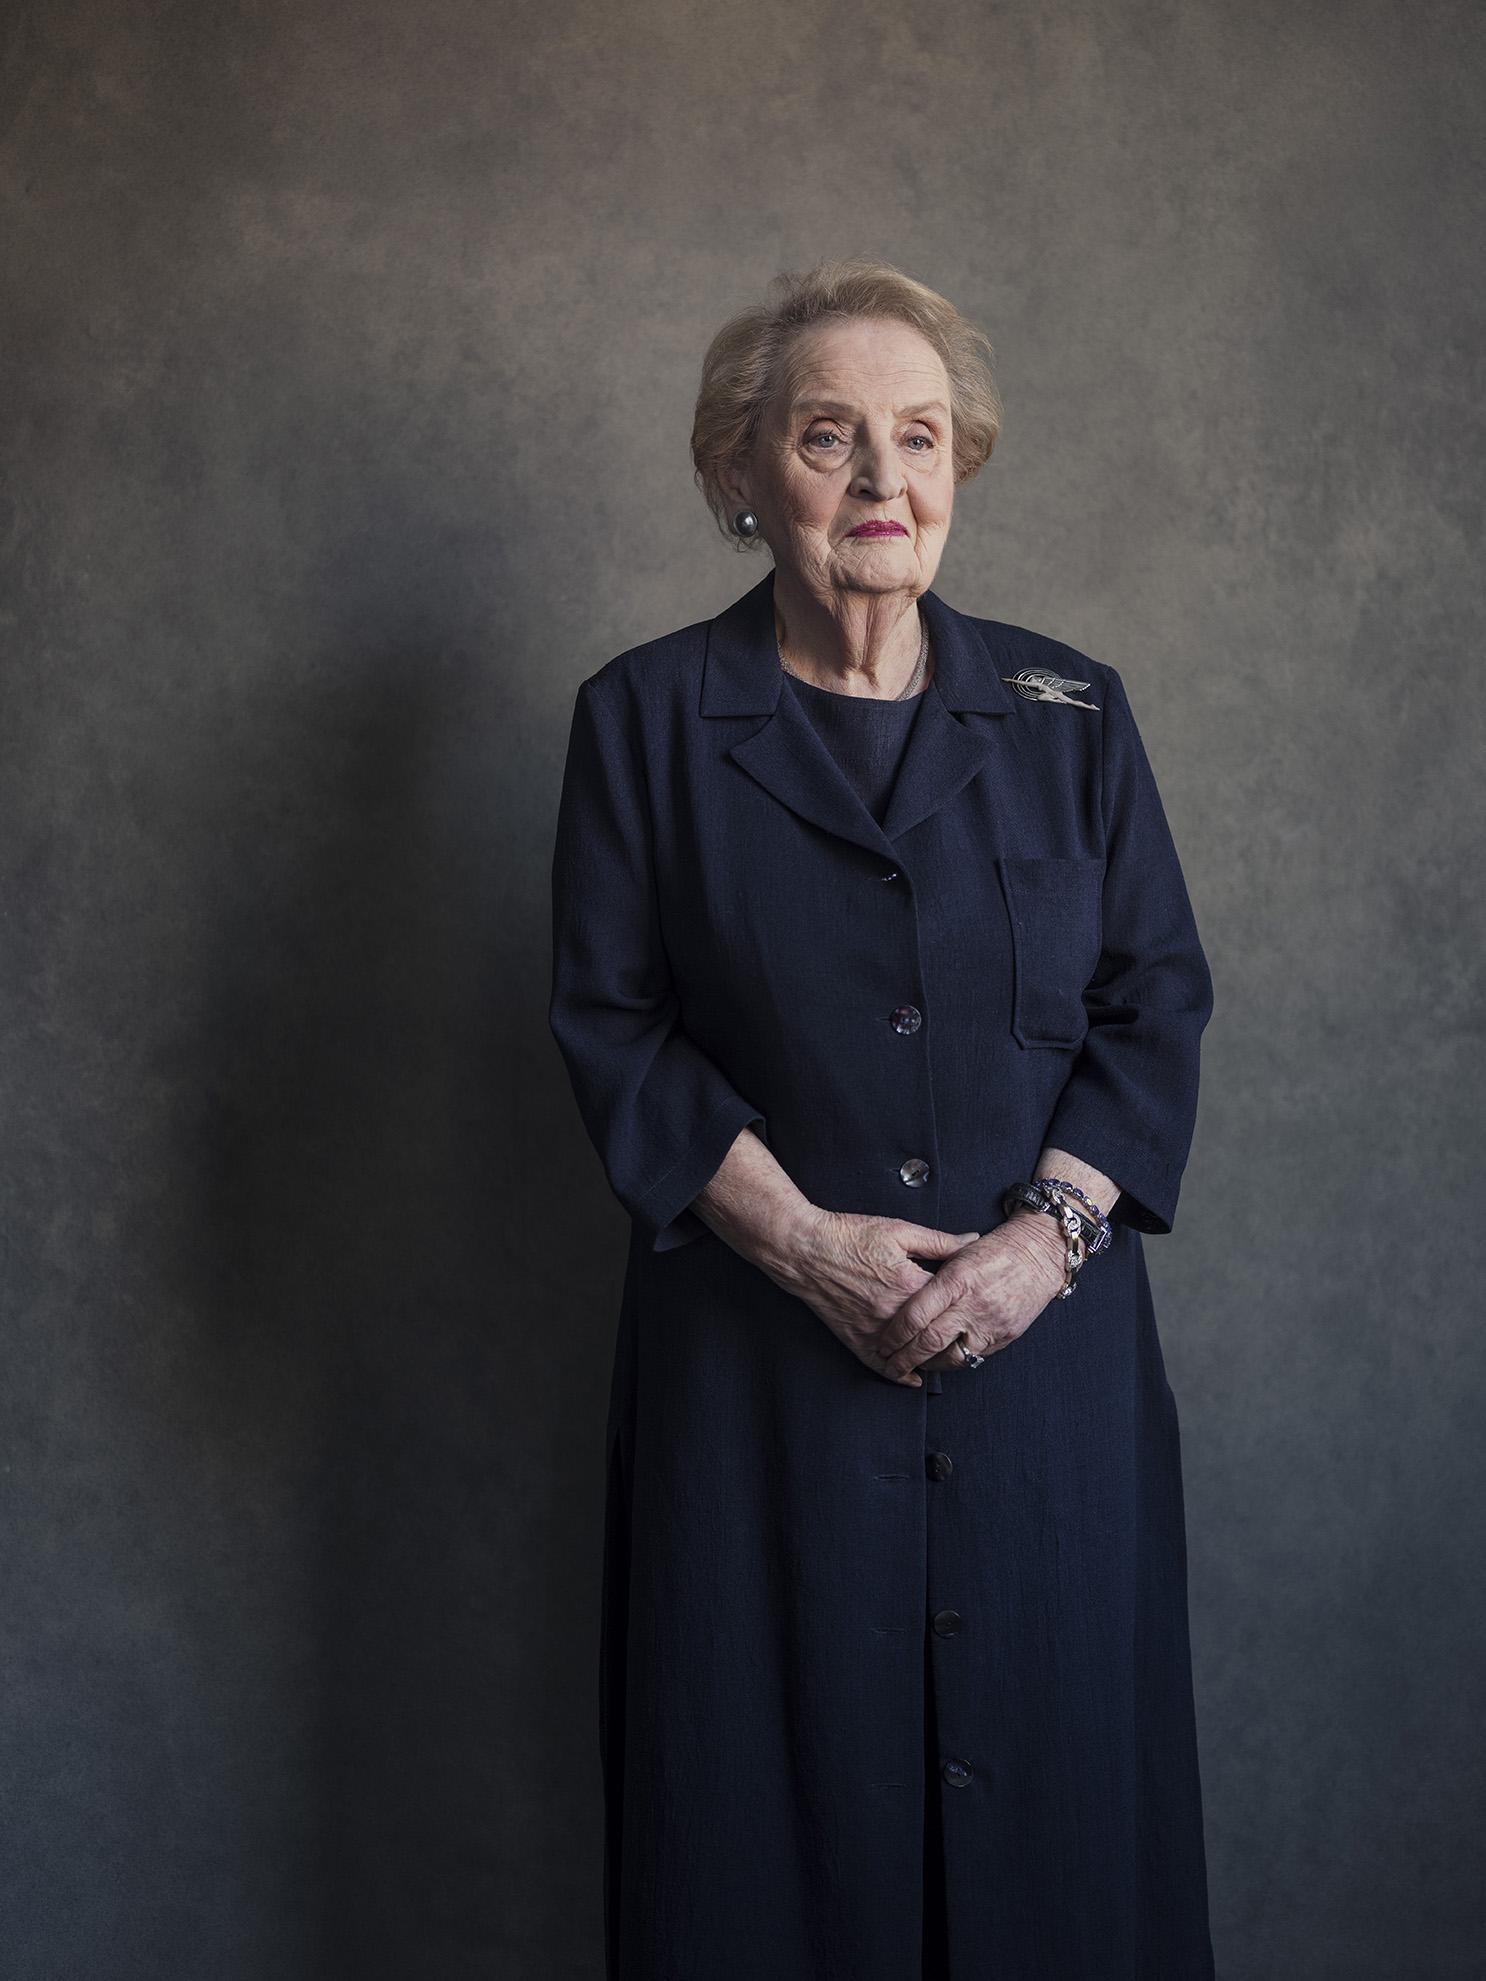 Madeleine Albright by Frank Ruiter.